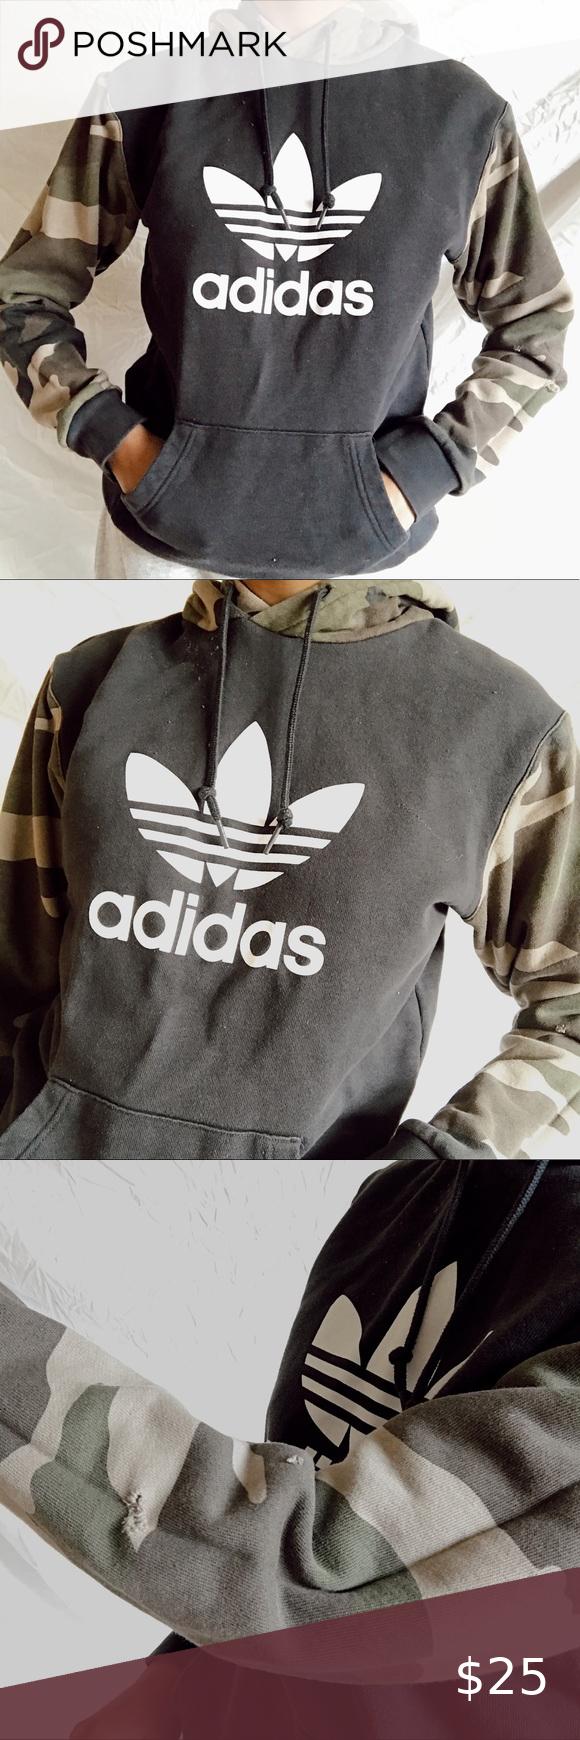 Adidas Originals Hoodie In 2020 Hoodies Womens Pullover Adidas Fleece Hoodie Adidas Cropped Hoodie [ 1740 x 580 Pixel ]